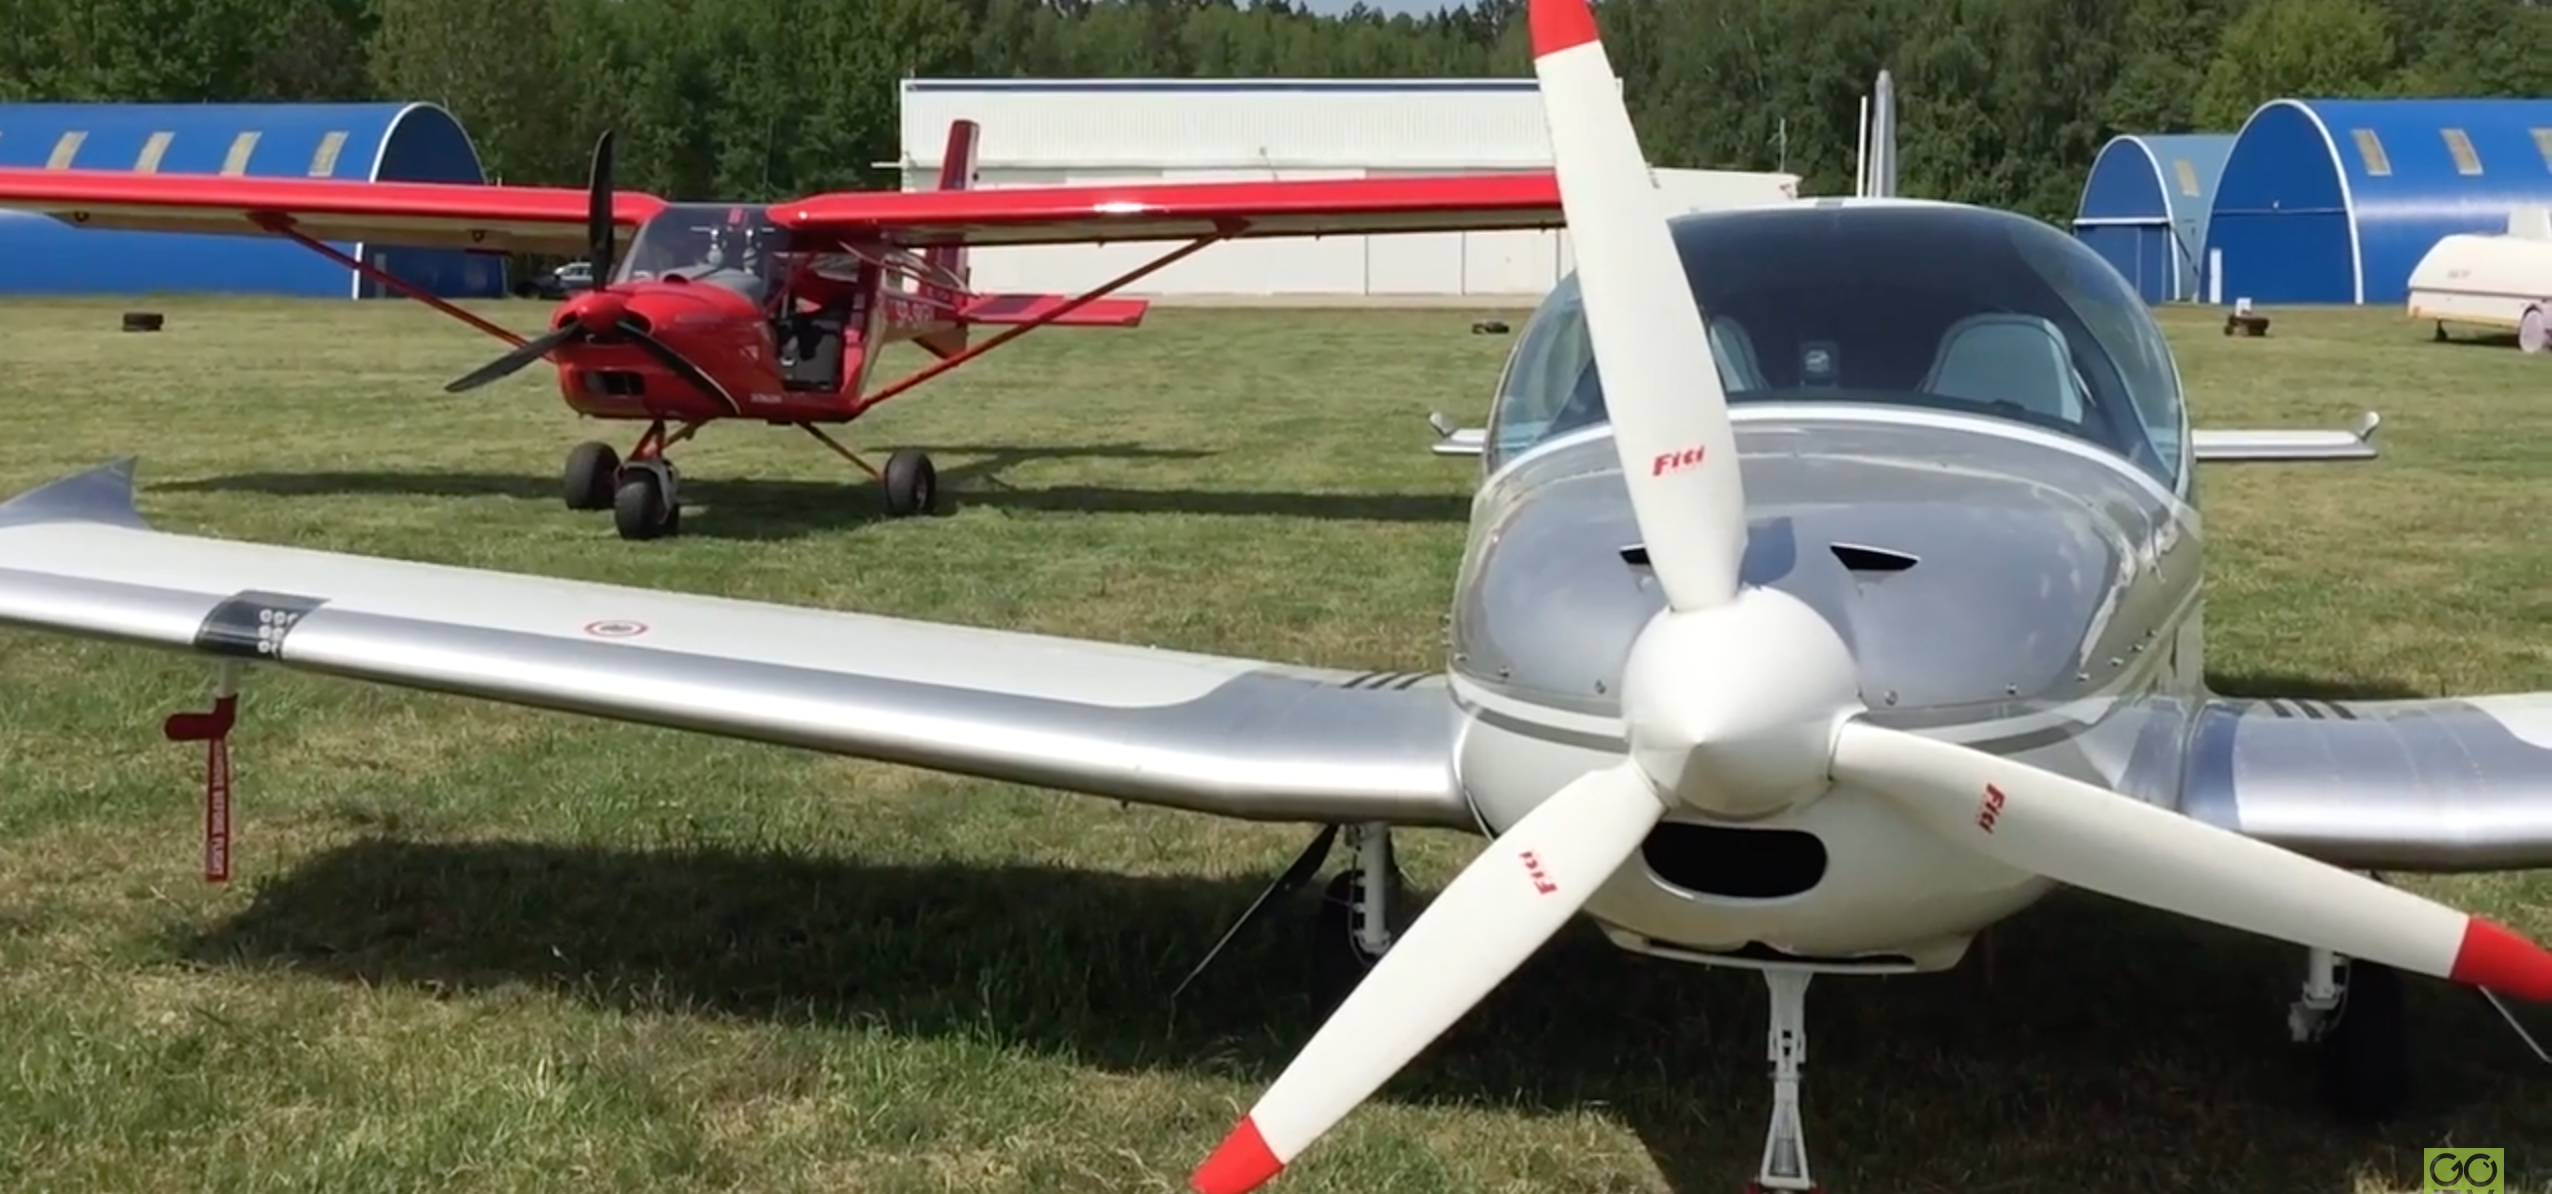 Samoloty nad Olsztynem, piknik na lotnisku. Tak było na XII Rotariańskiej Majówce Lotniczej w Dajtkach! [FILM]